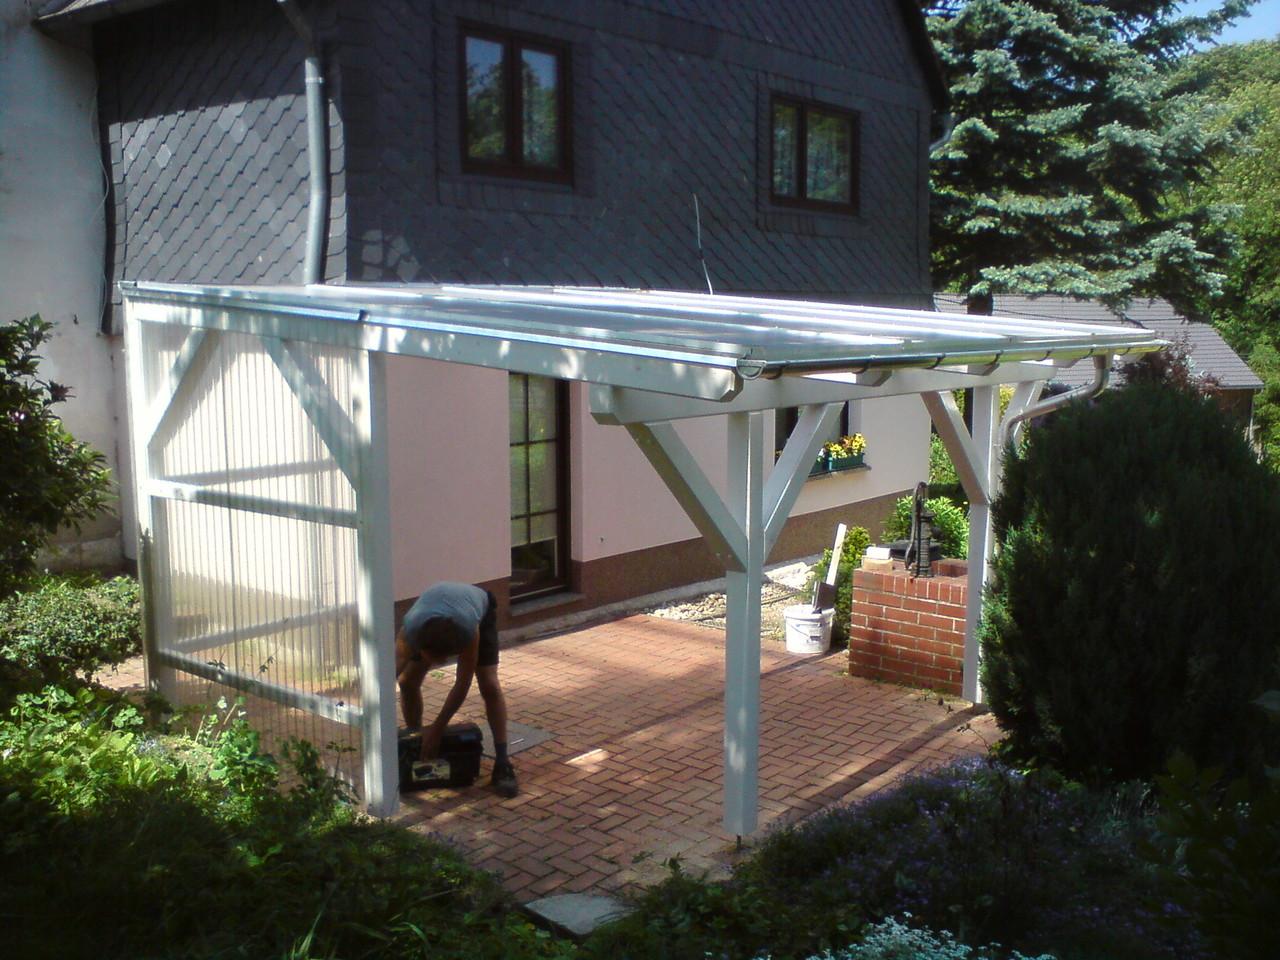 Terrassenüberdachung mit Seitenverkleidung